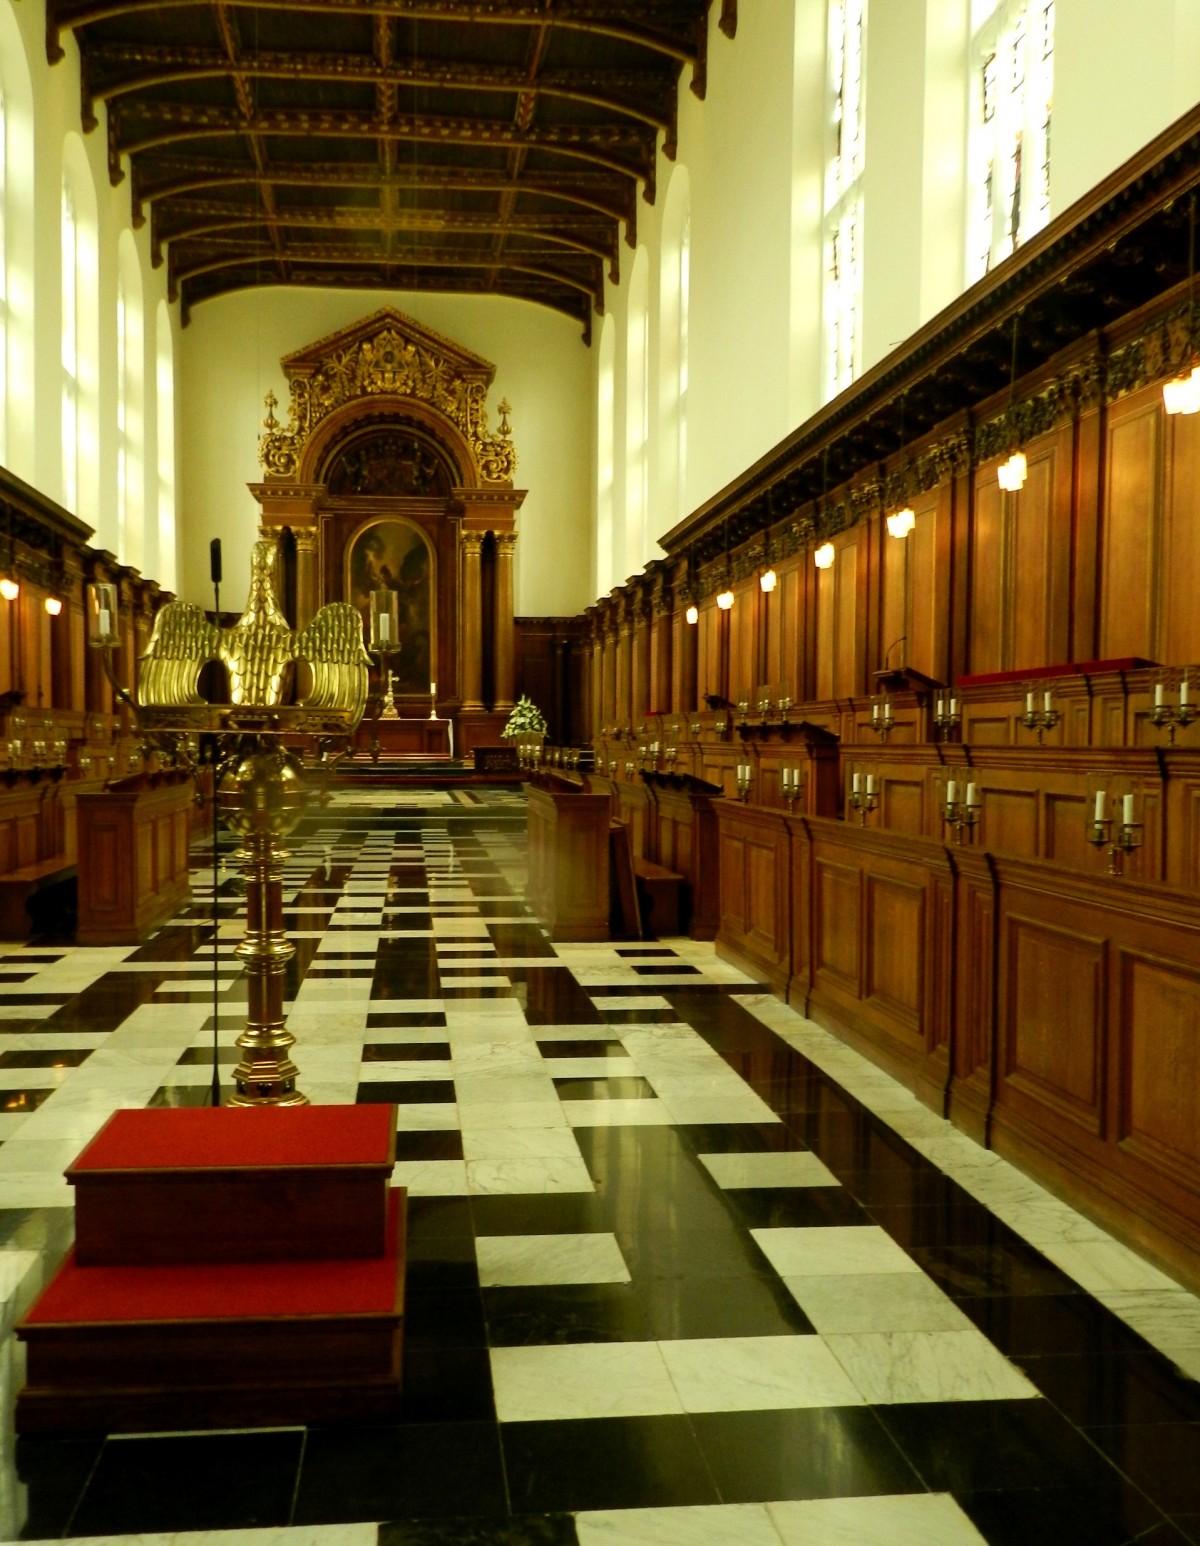 무료 이미지 : 건축물, 강당, 건물, 홀, 교회에, 예배당, 예배 장소 ...